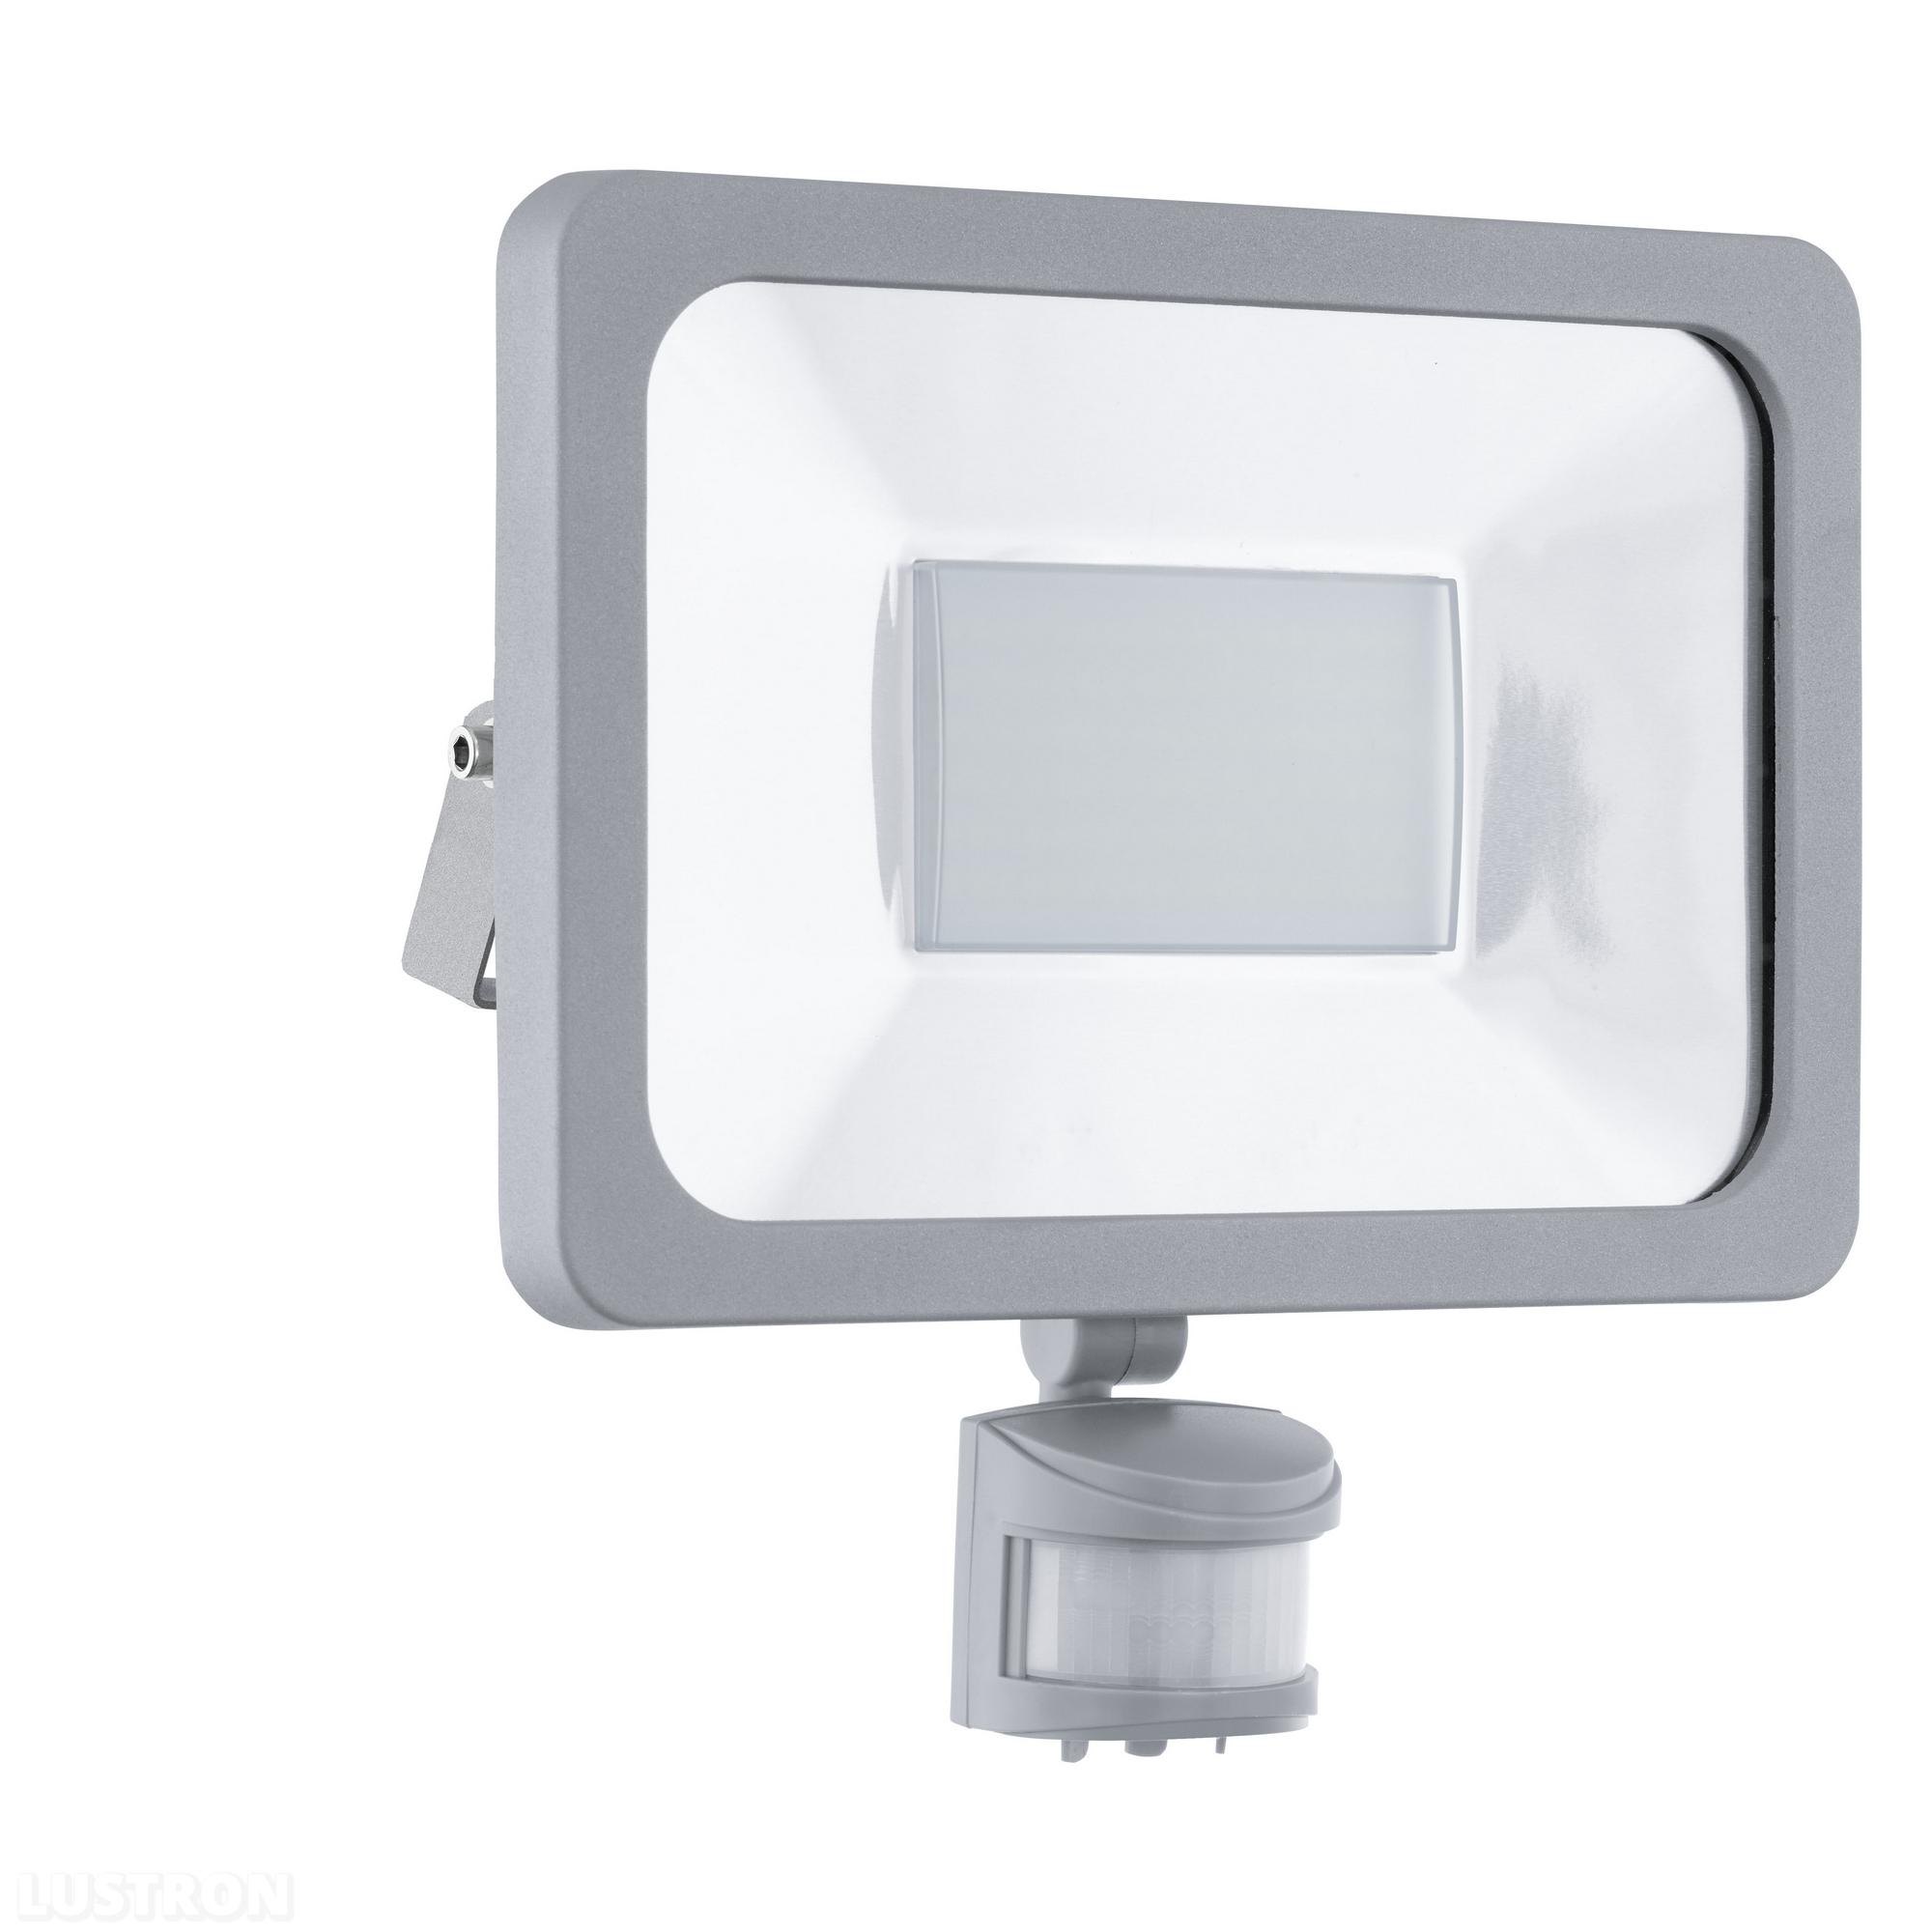 Светильник уличный EgloСветильники уличные<br>Мощность: 50, Тип установки: настенный, Датчик движения: есть, Стиль светильника: модерн, Количество ламп: 1, Тип лампы: светодиодная, Патрон: LED, Степень защиты от пыли и влаги: IP 44, Цвет арматуры: хром<br>